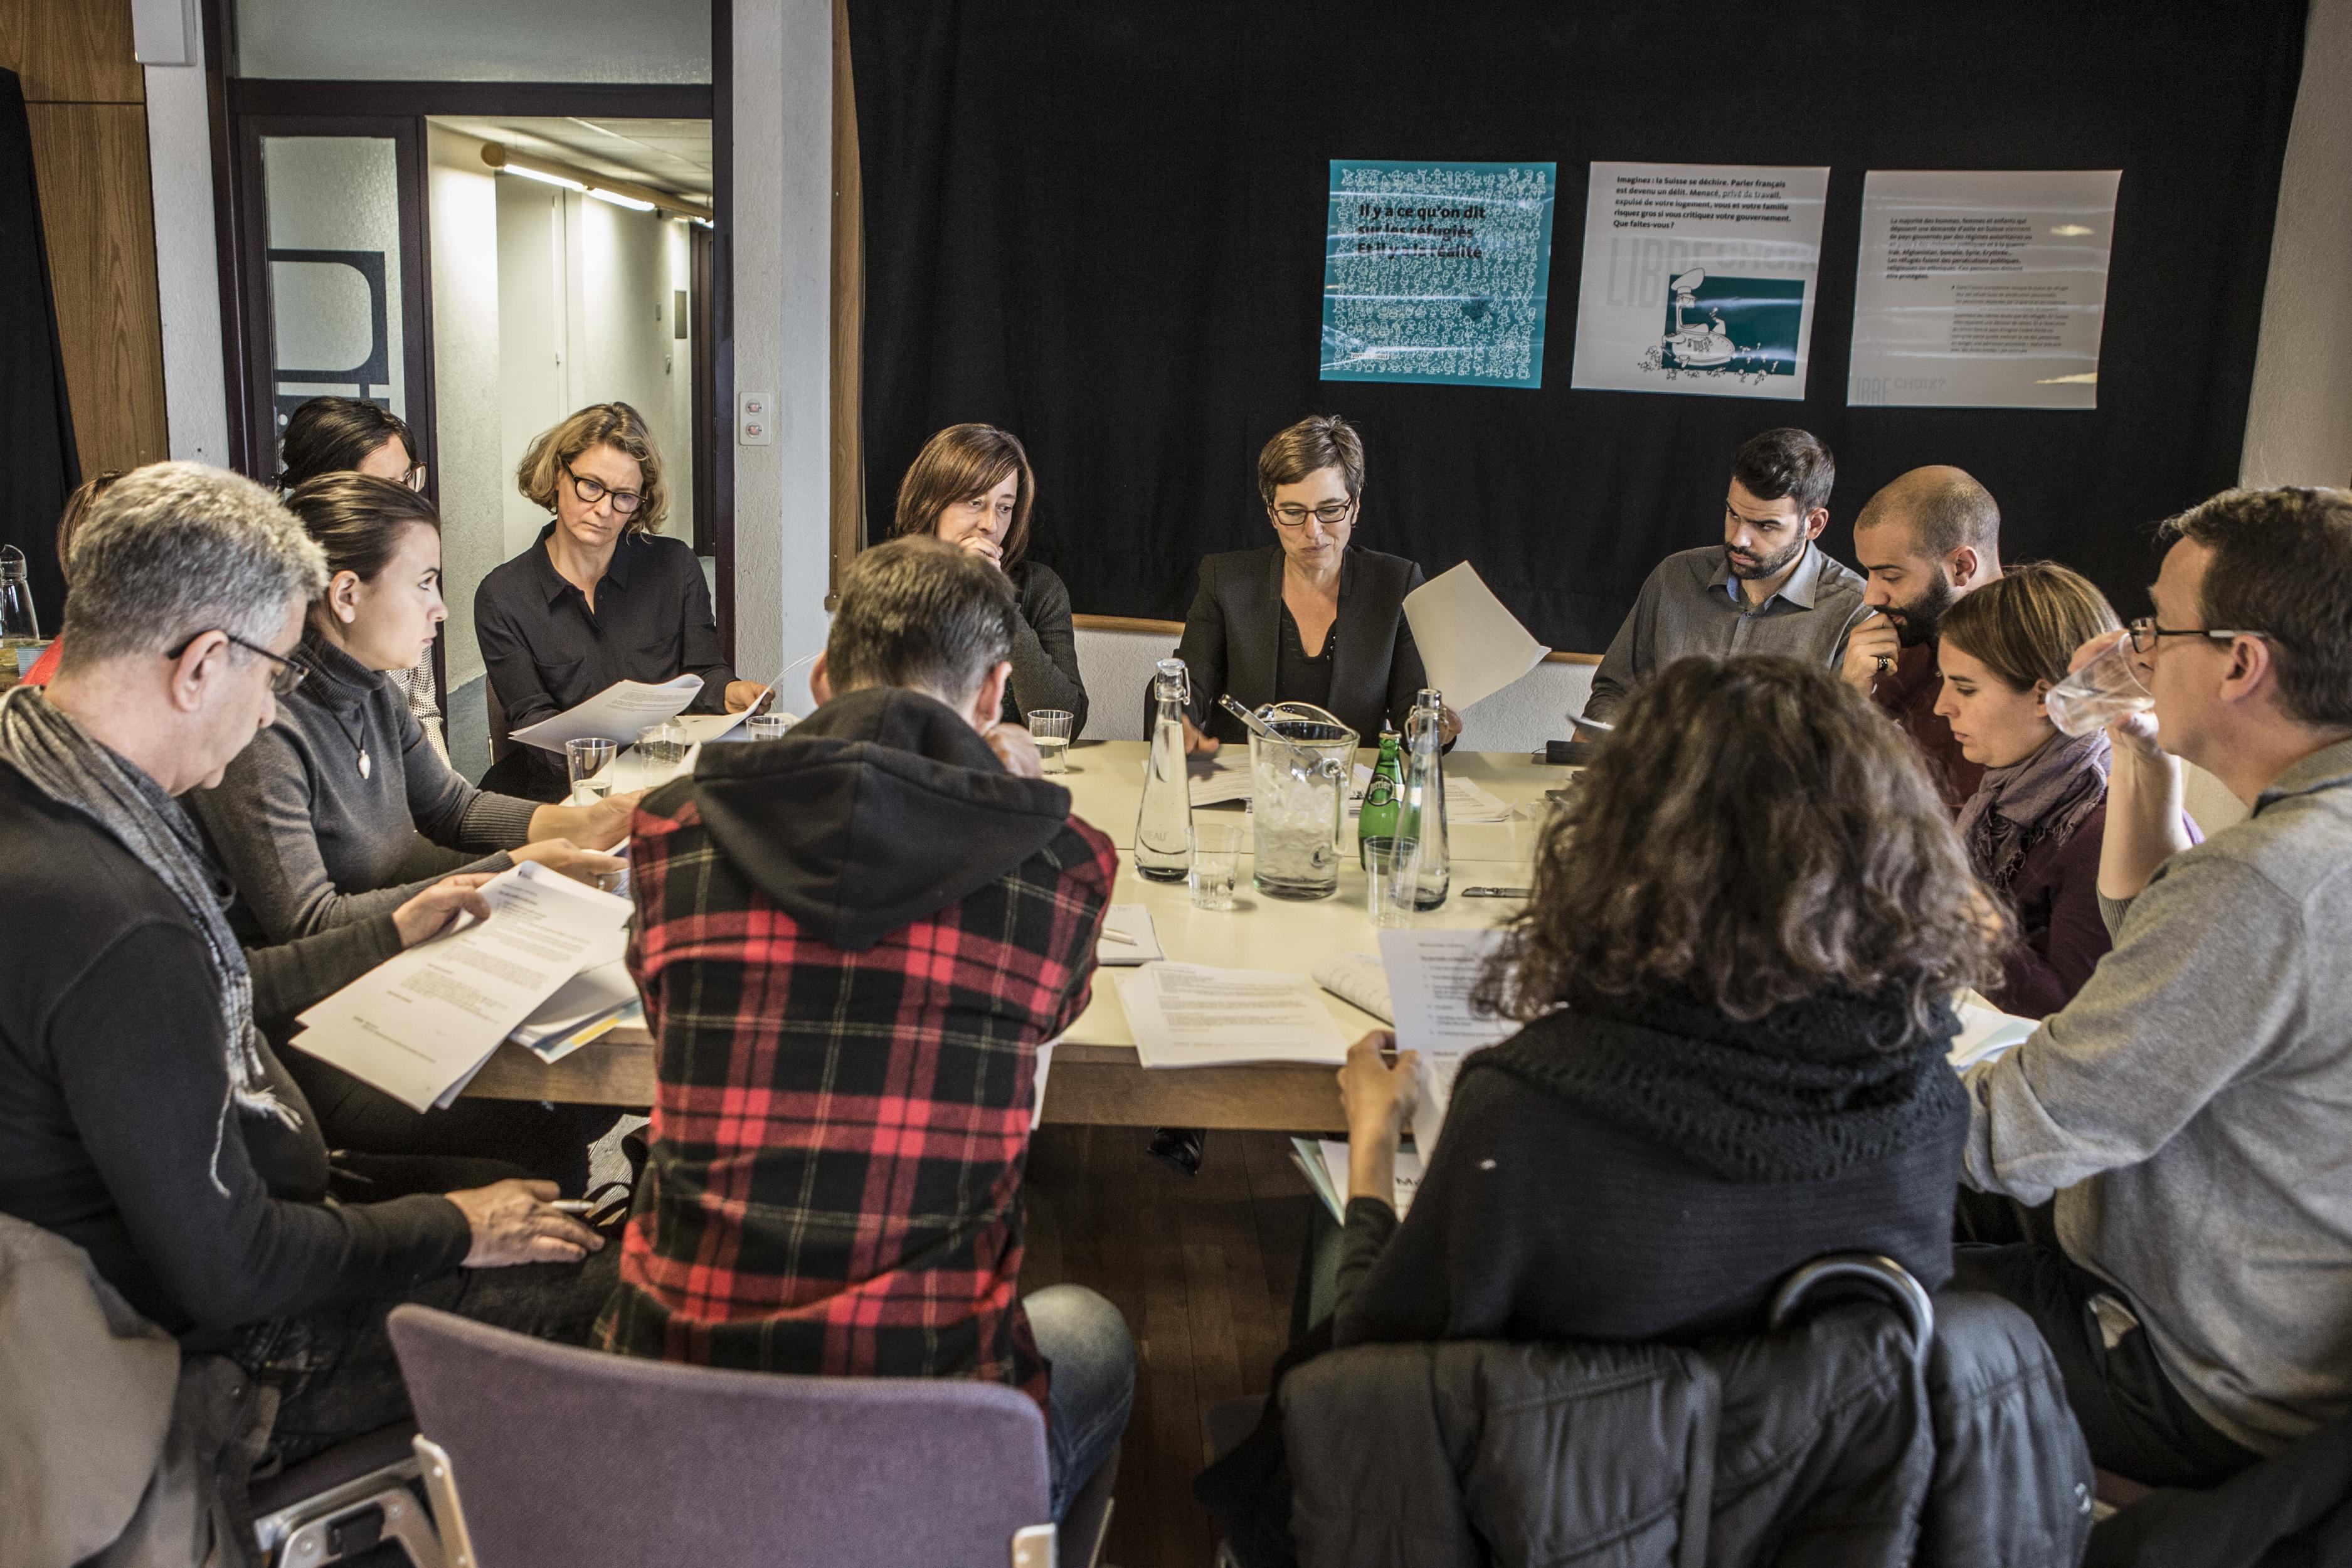 La rencontre s'est articulée autour de plusieurs ateliers thématiques. Sur la photo, l'atelier « Statistiques et discours officiels, vraiment neutres? ».